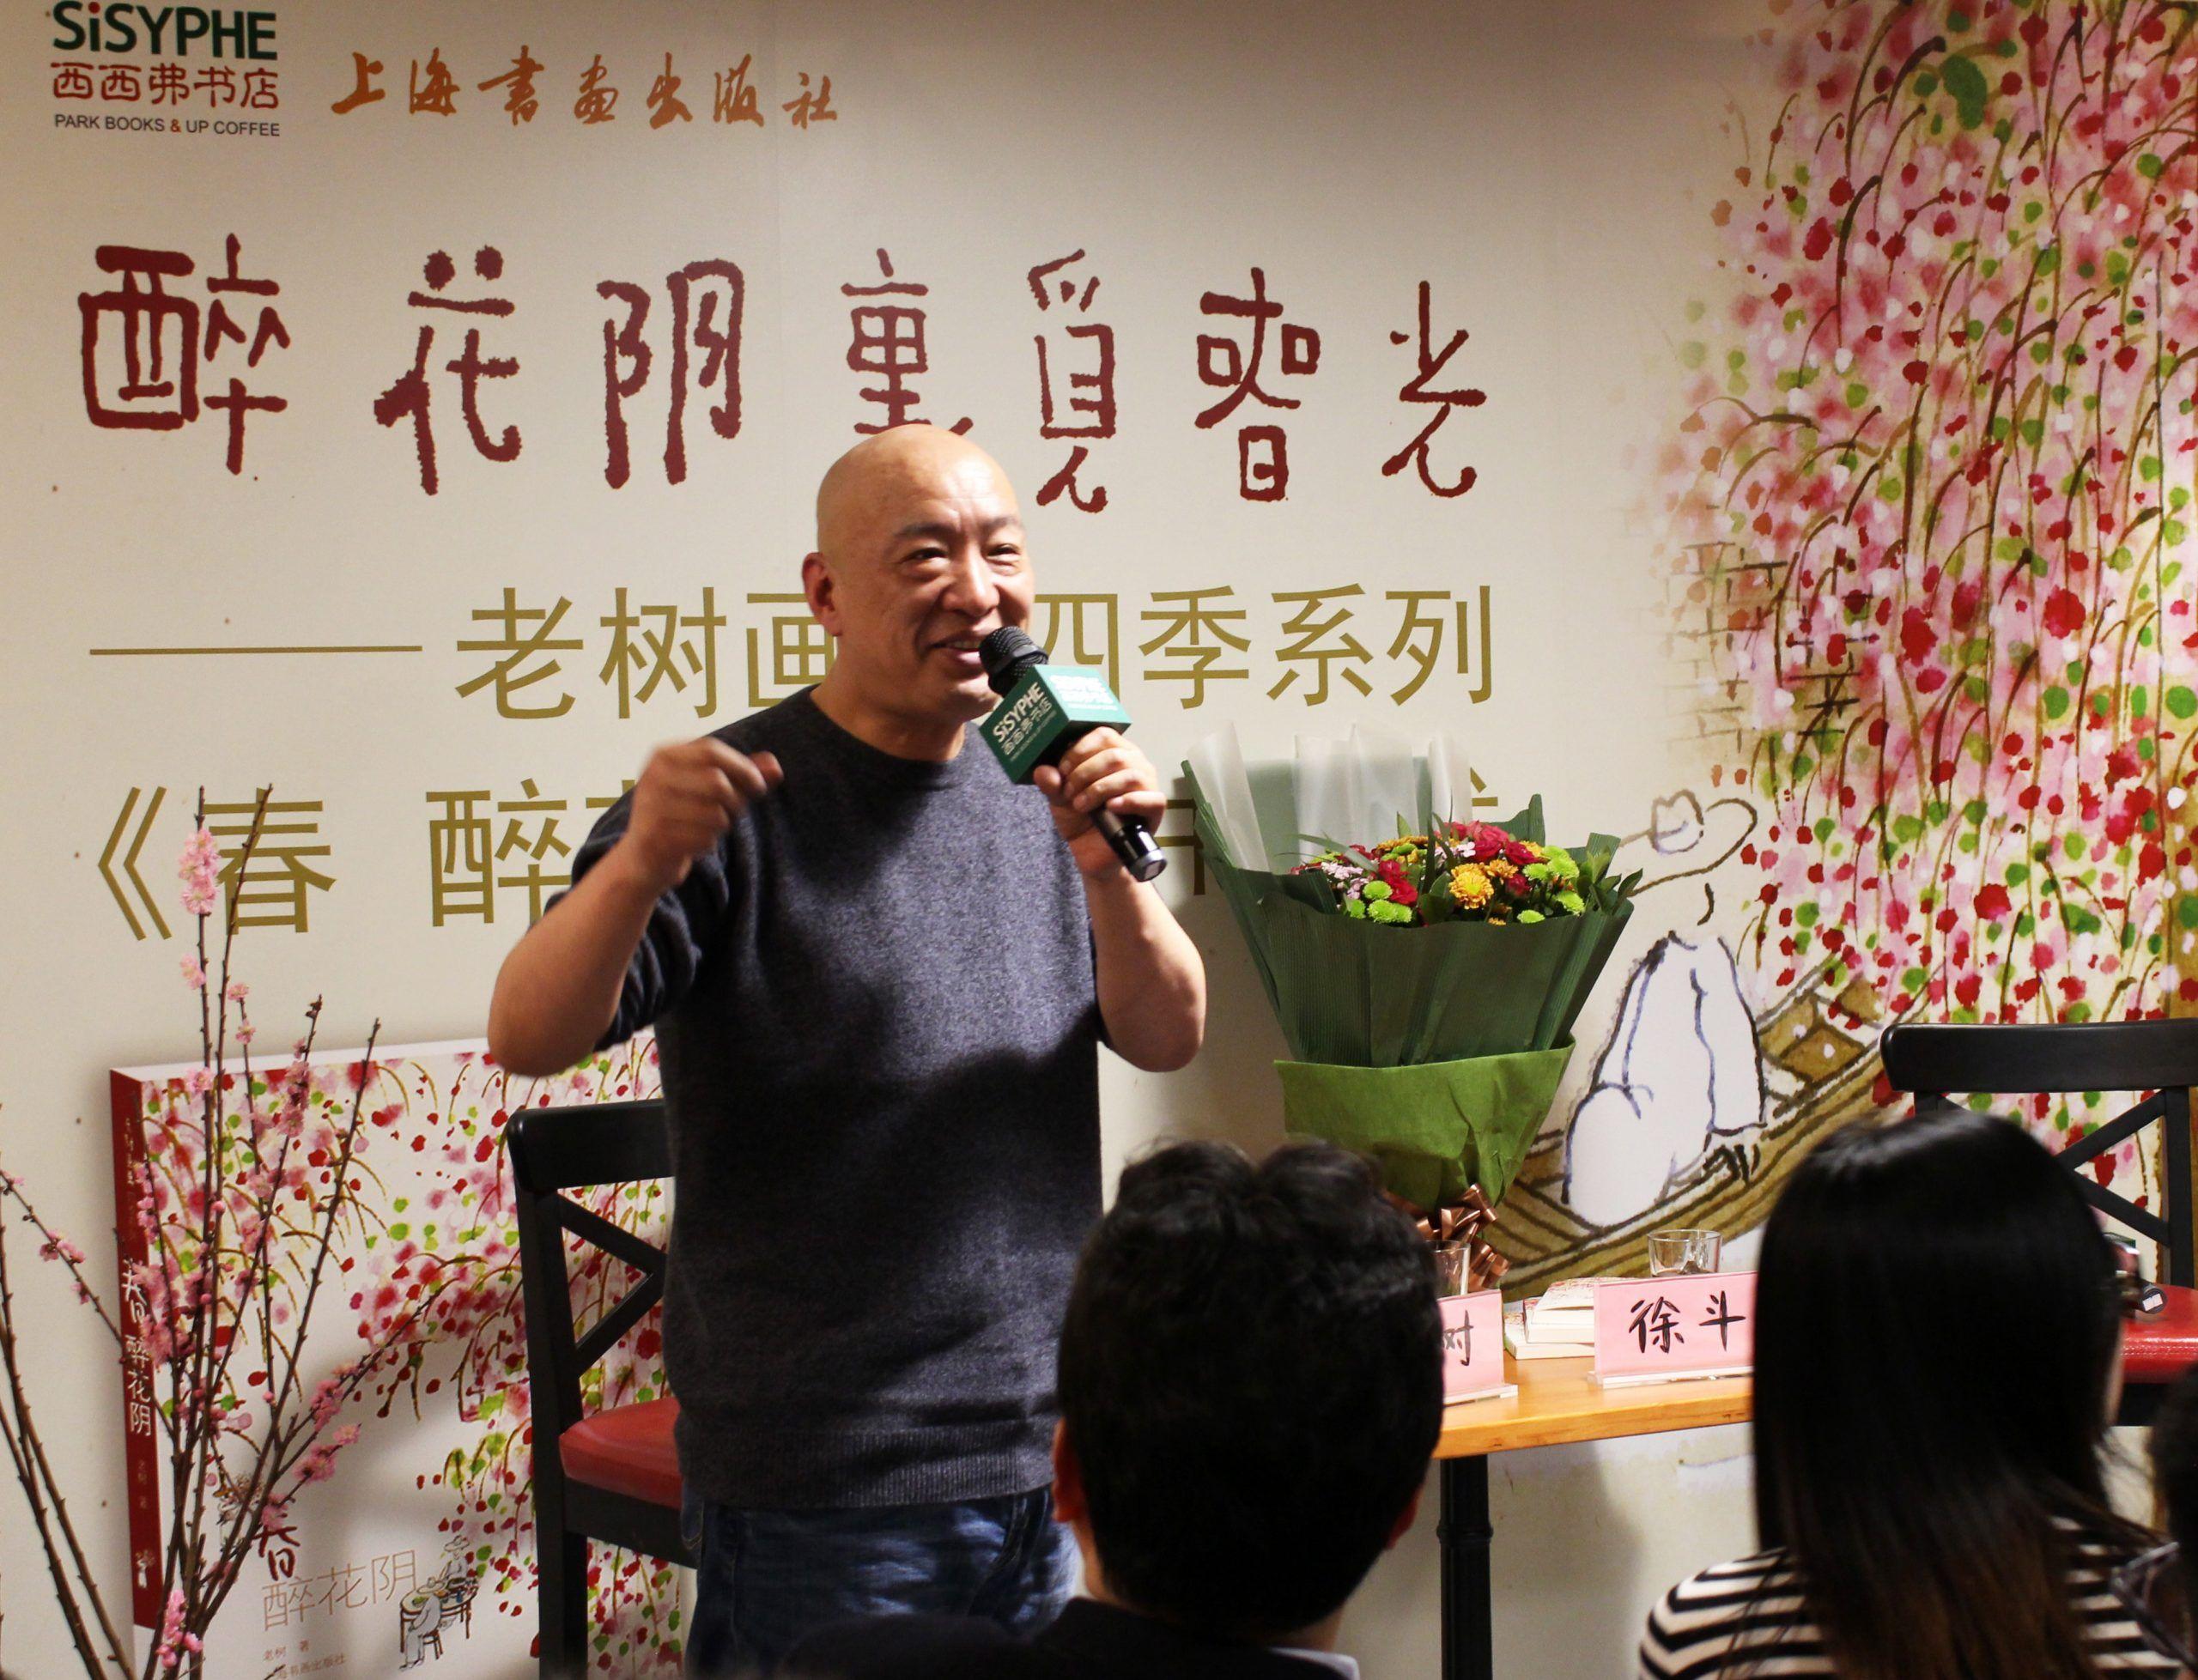 打造学术高地,做一流艺术出版——上海书画社书法研究出版中心成立